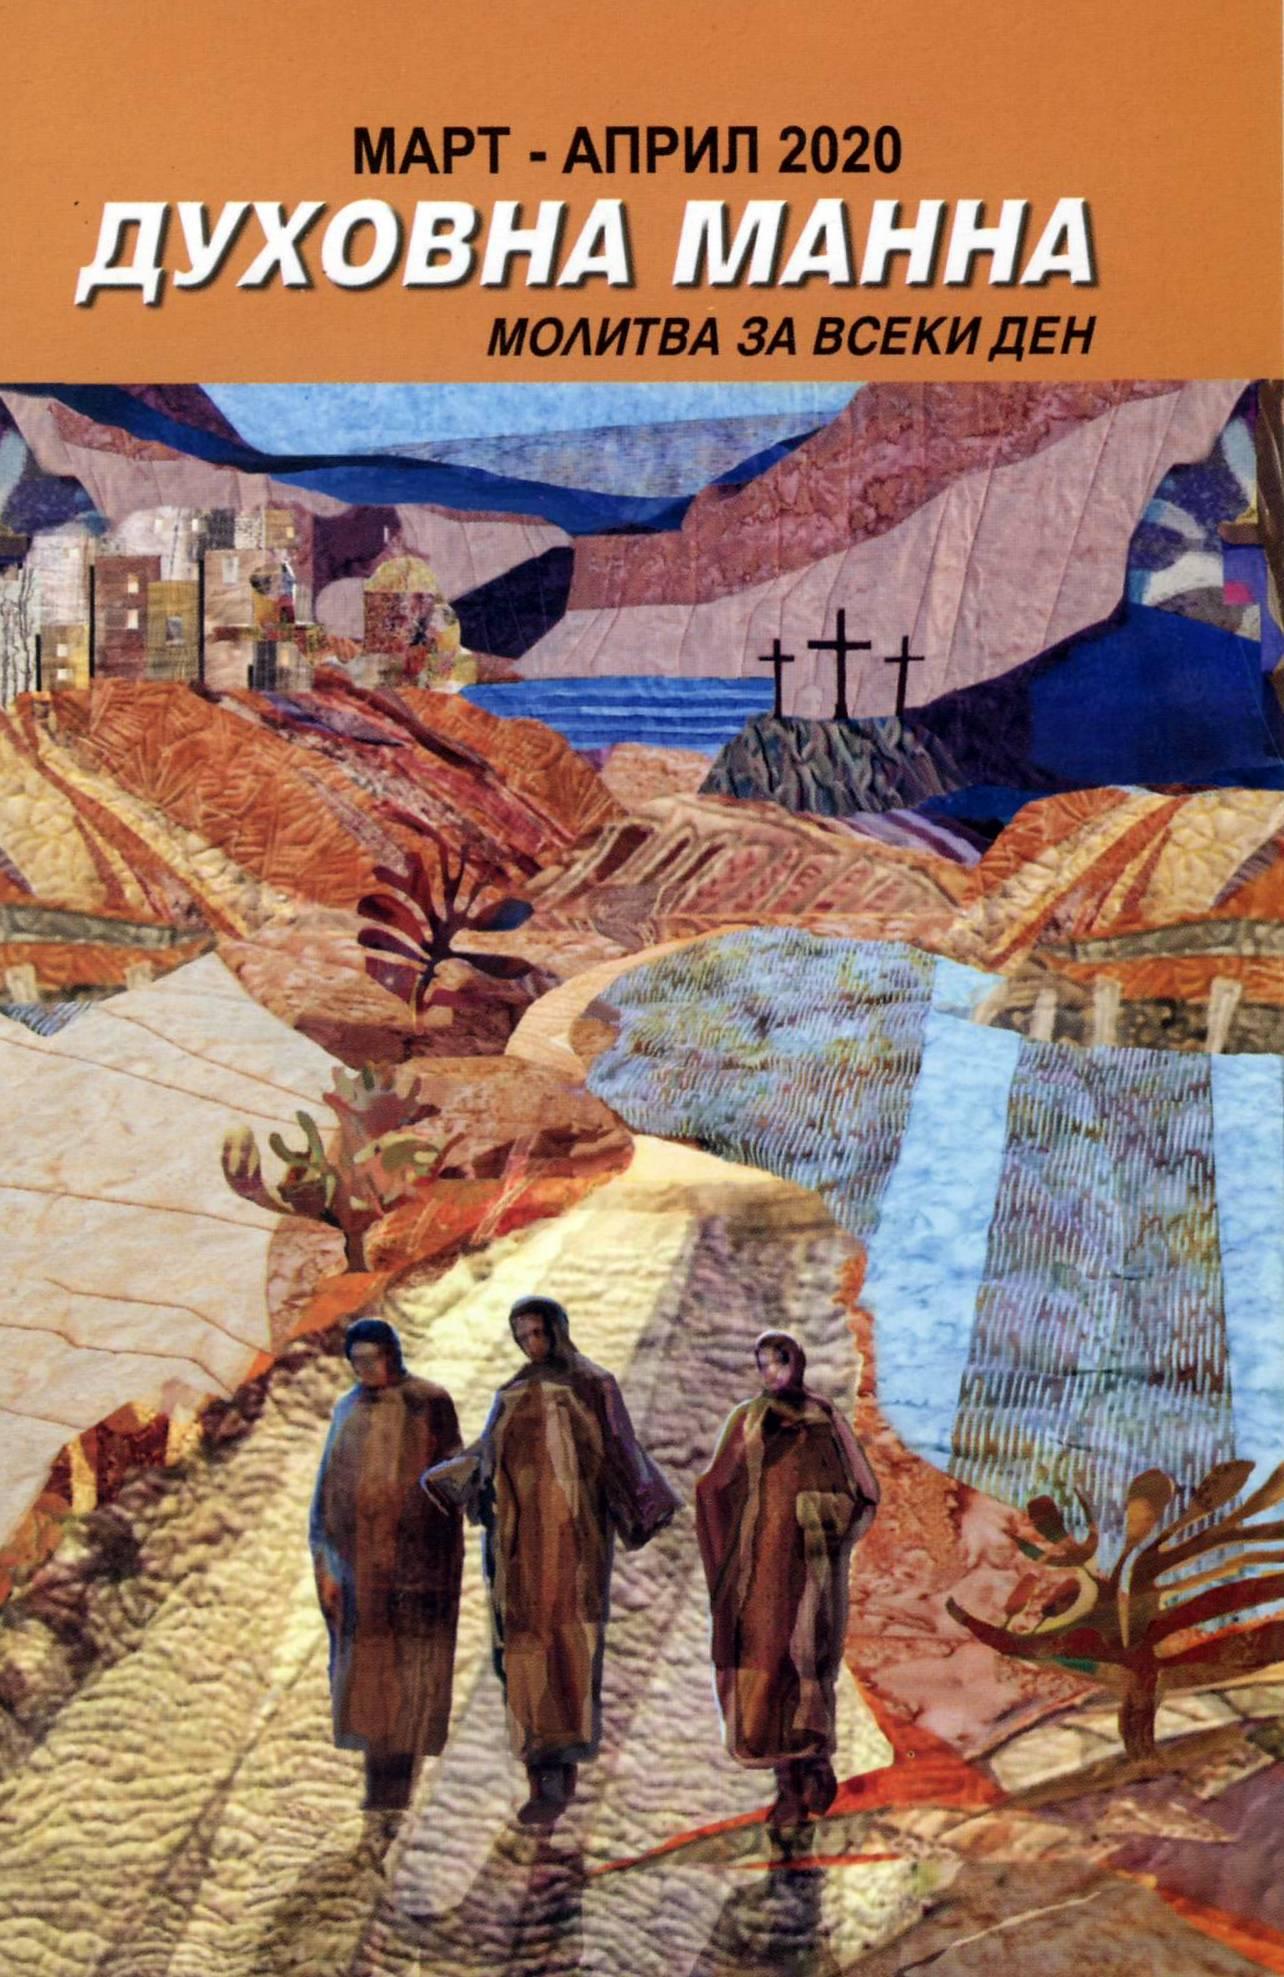 Духовна манна - Март и Април 2020